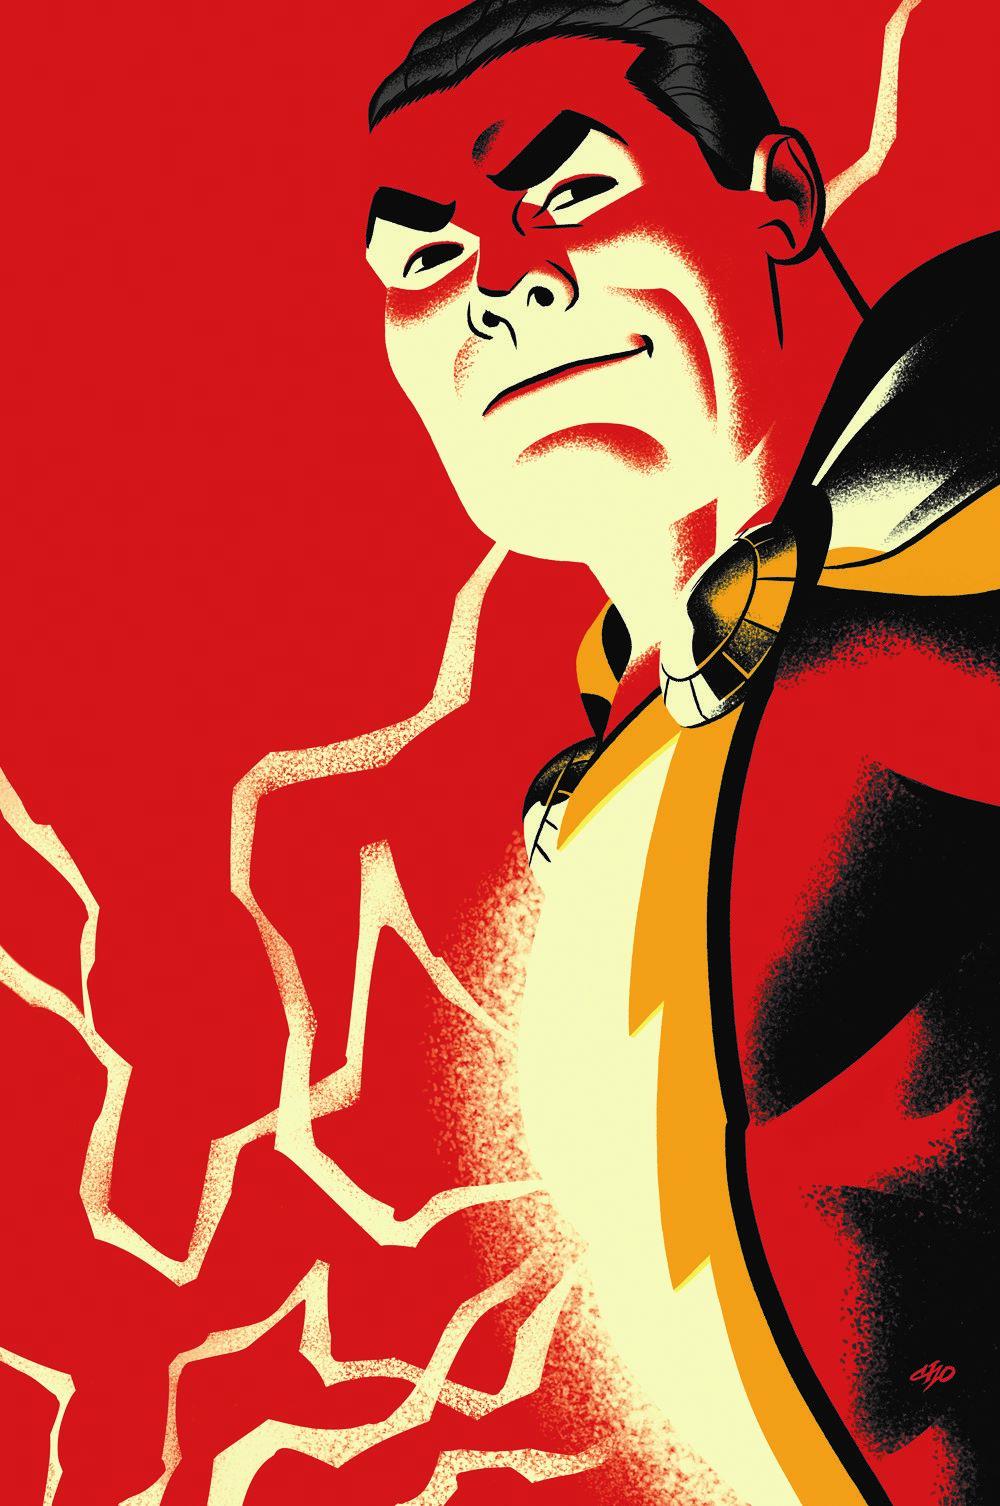 SHAZAM-WORLDS-MIGHTIEST-MORTAL-VOL3 DC Comics April 2021 Solicitations